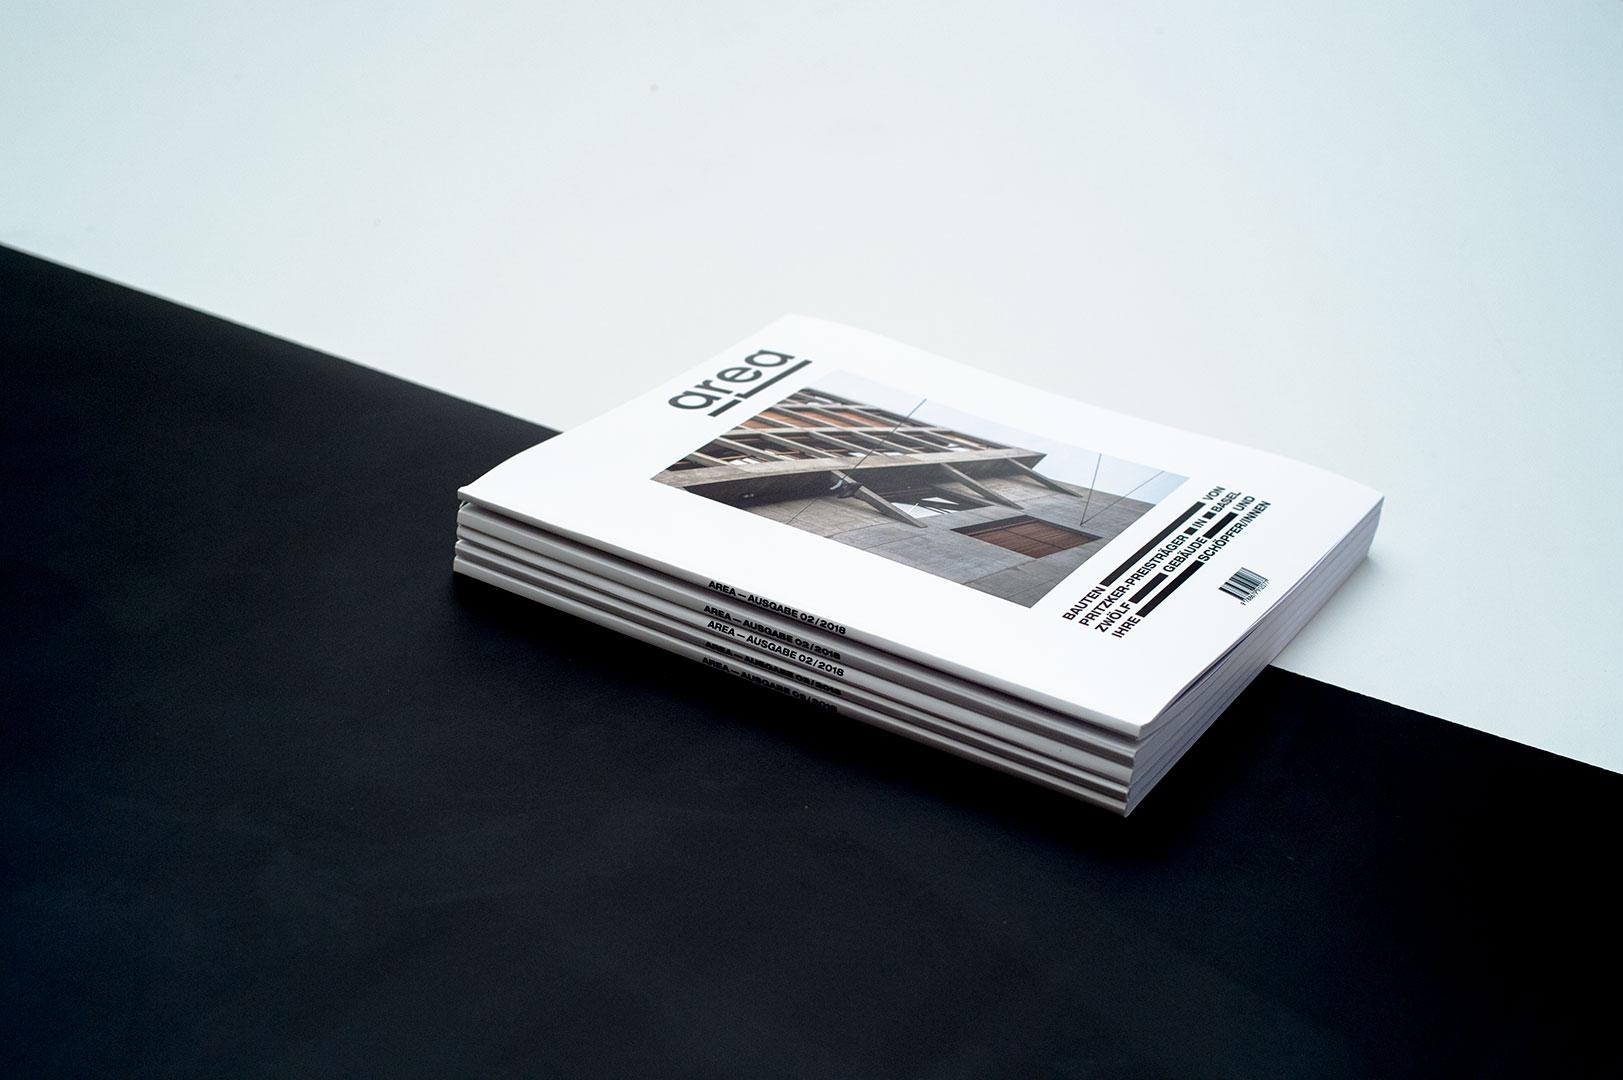 Architektur_Magazine072-2.jpg